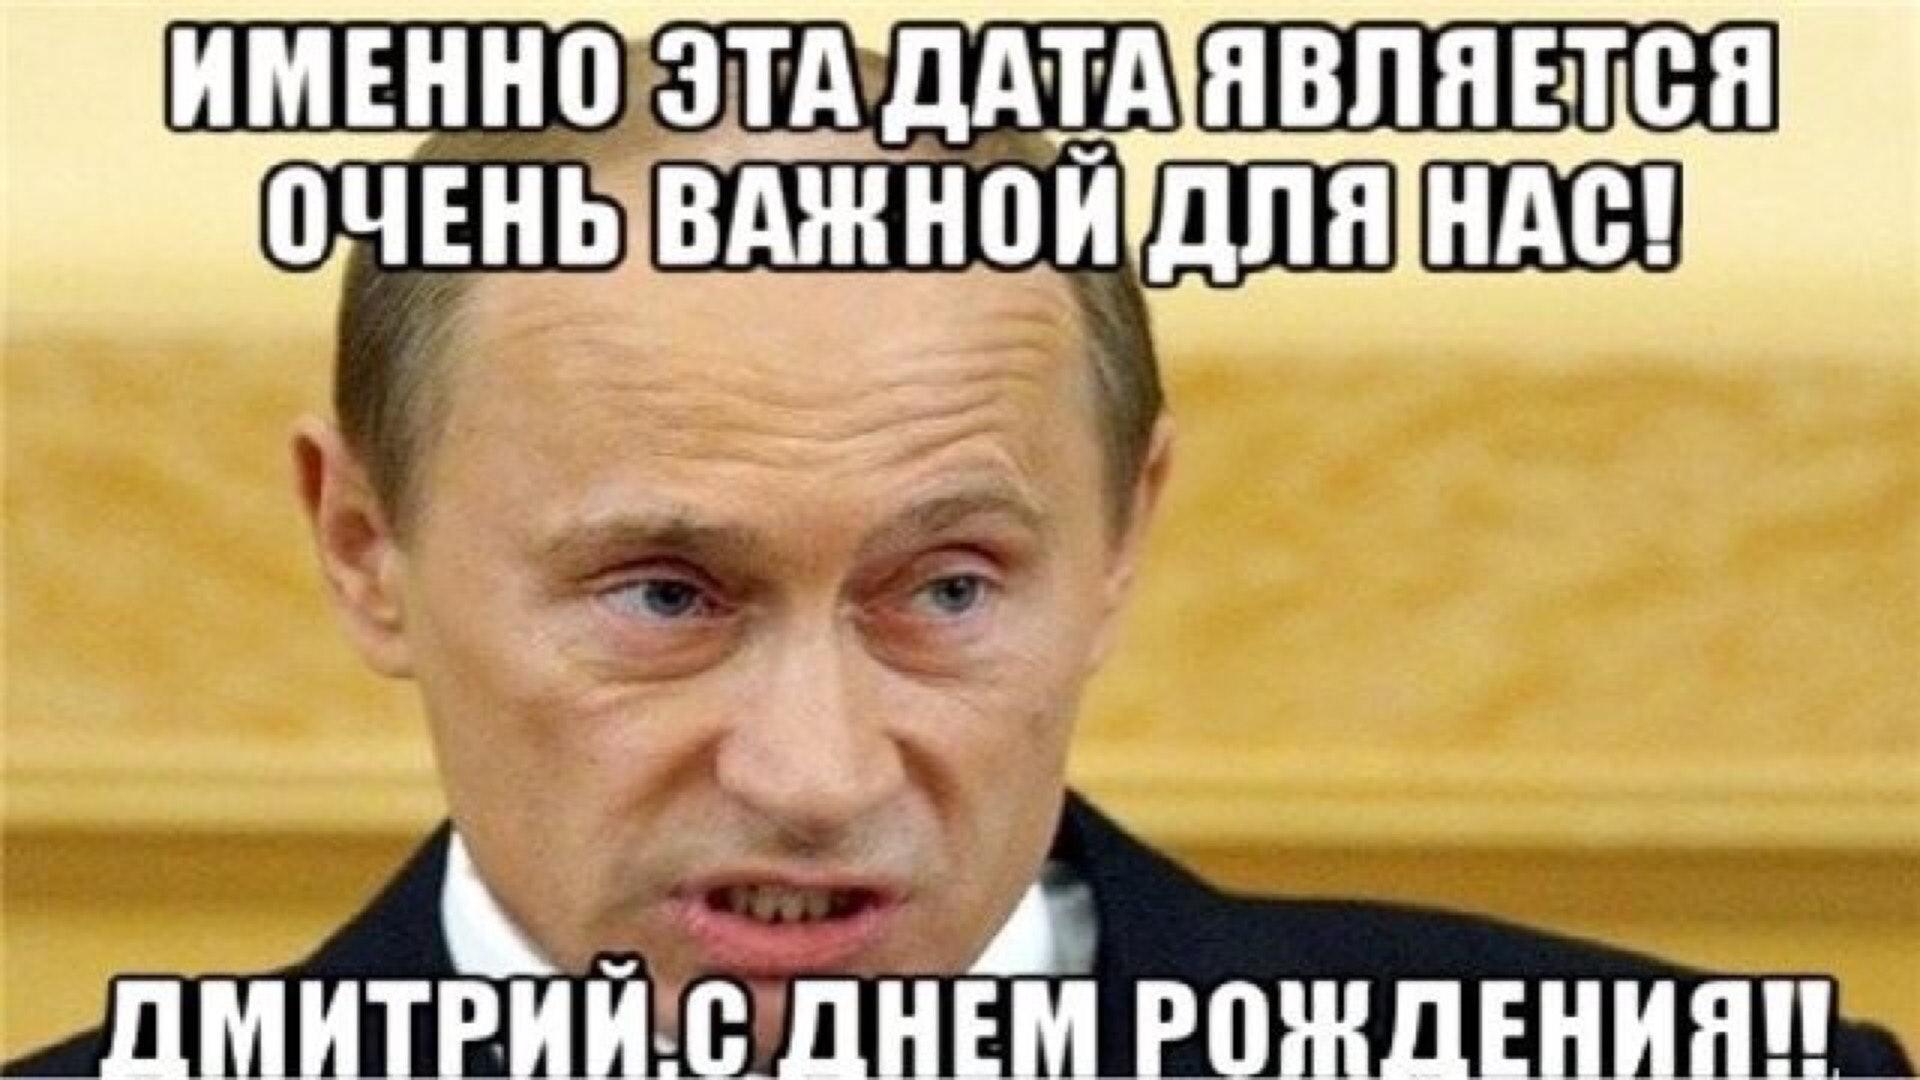 Русское ну пожалуйста давайте попу идинахуй